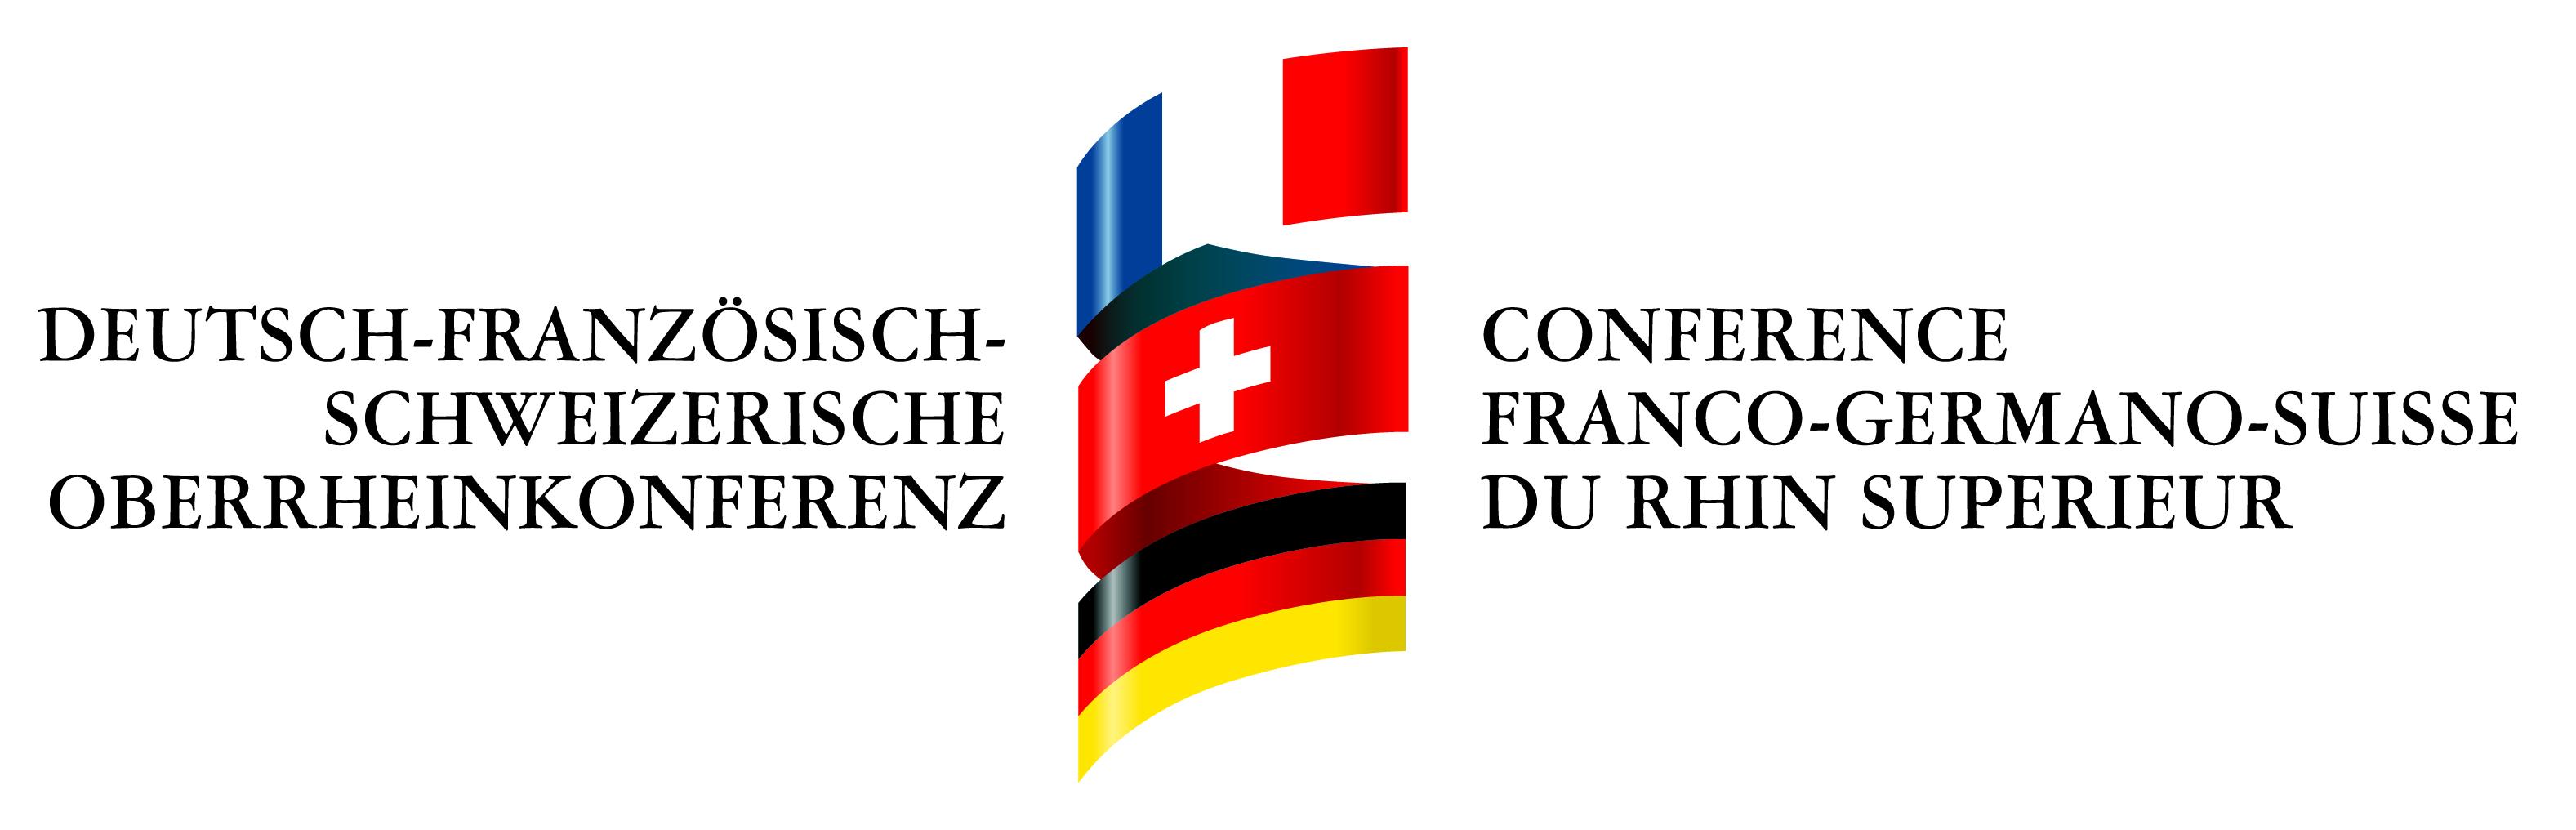 Conférence du Rhin supérieur